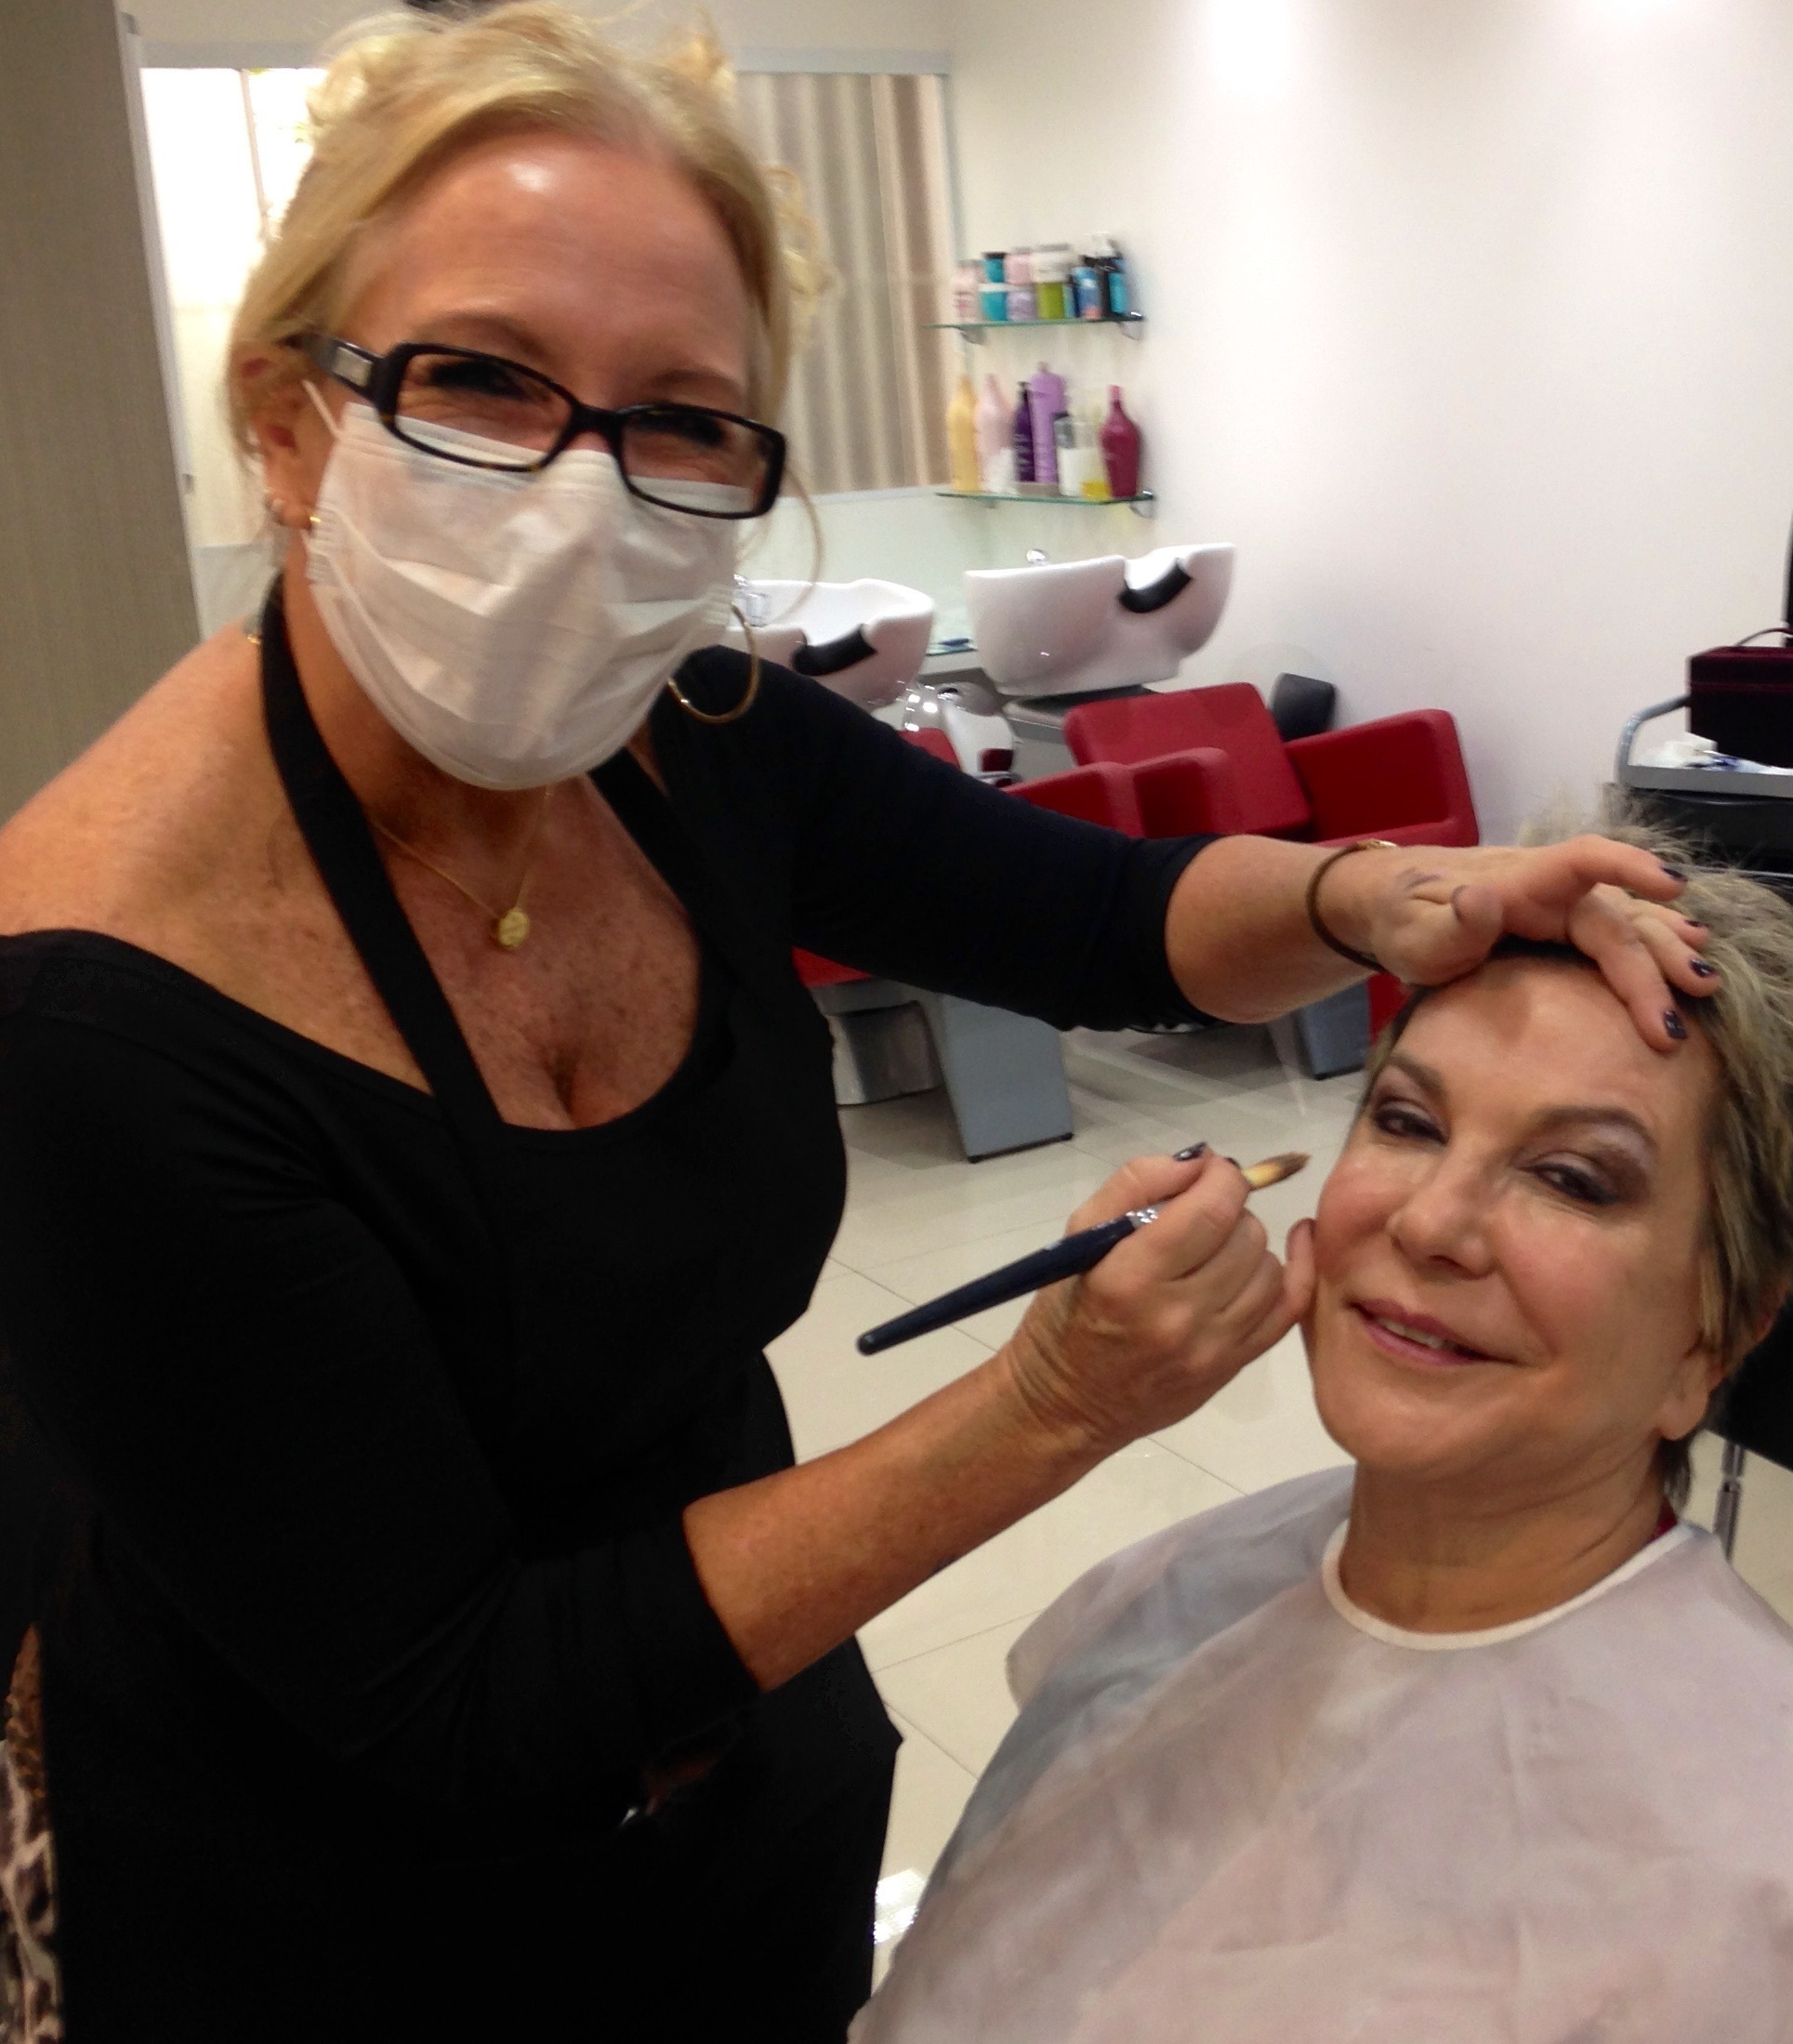 #maquiagem profissional em domicilio maquiador(a) esteticista massoterapeuta